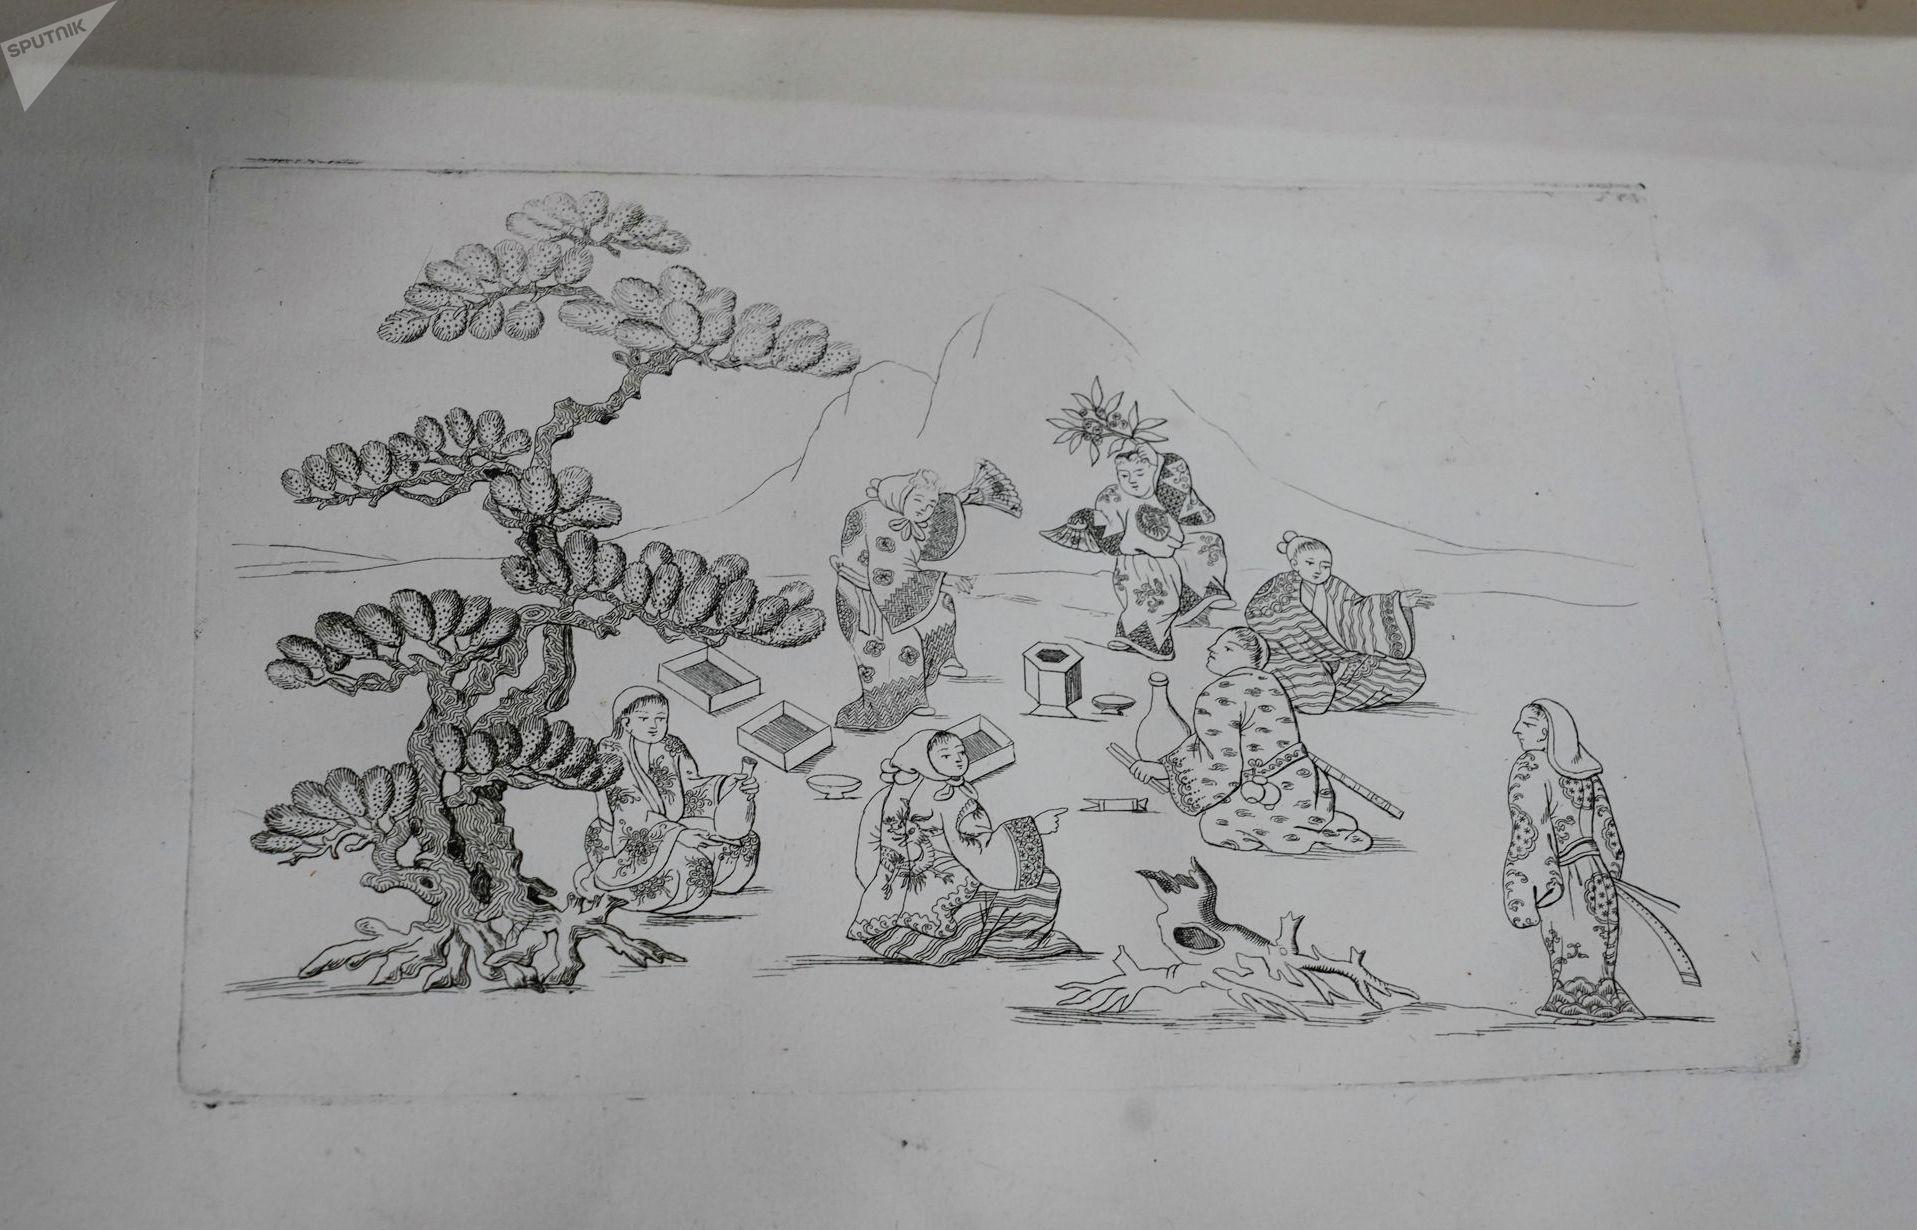 Книга китайских замыслов содержит иллюстрации и карты